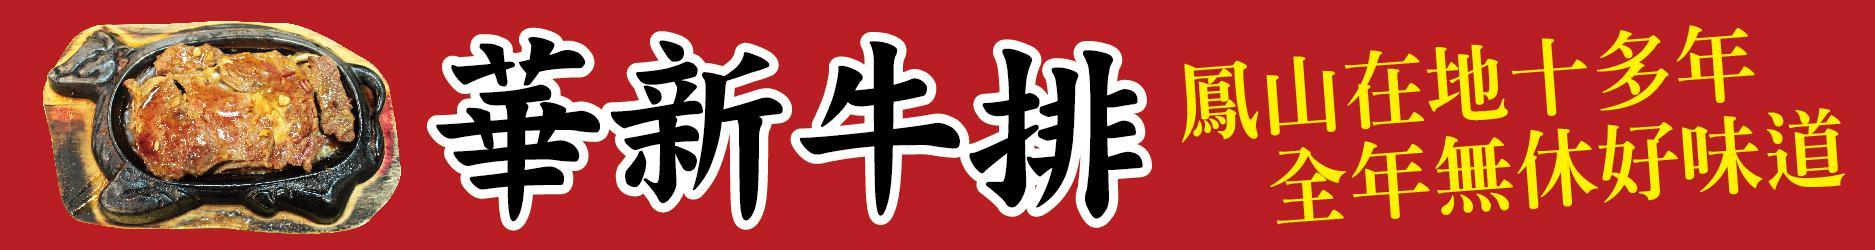 華新牛排 鳳山在第十多年 全年無休好味道